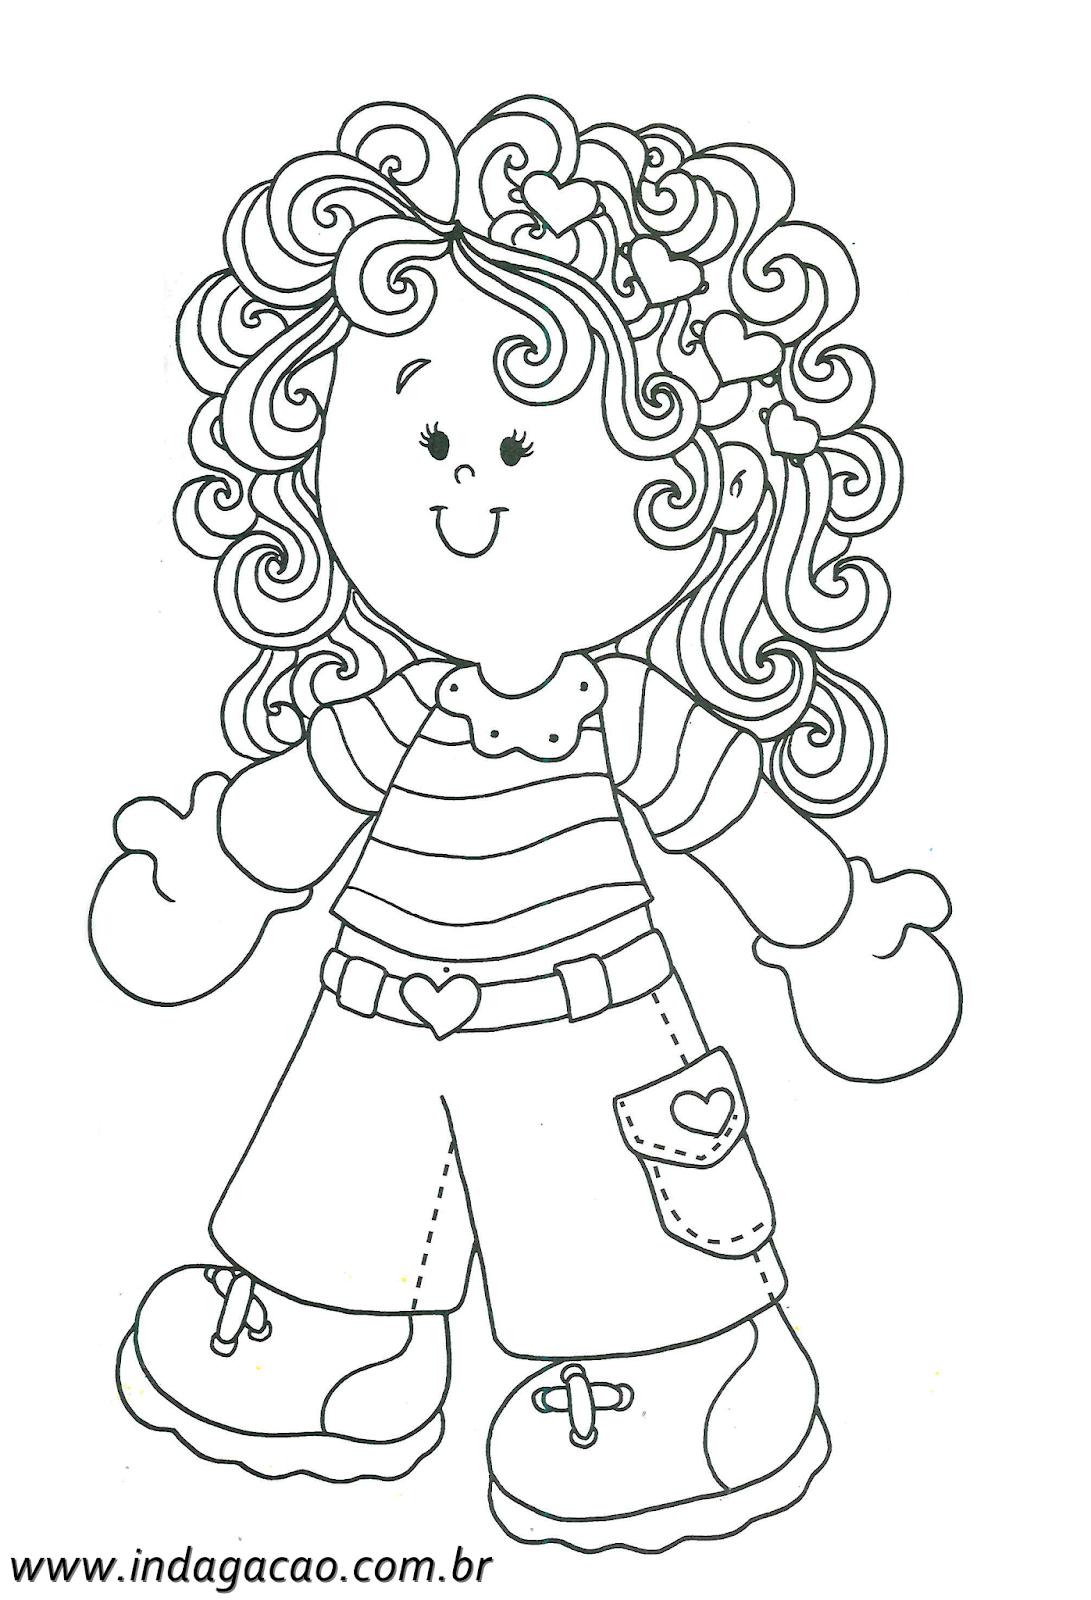 Desenho De Menina Para Imprimir Baixar Gratis Desenhos